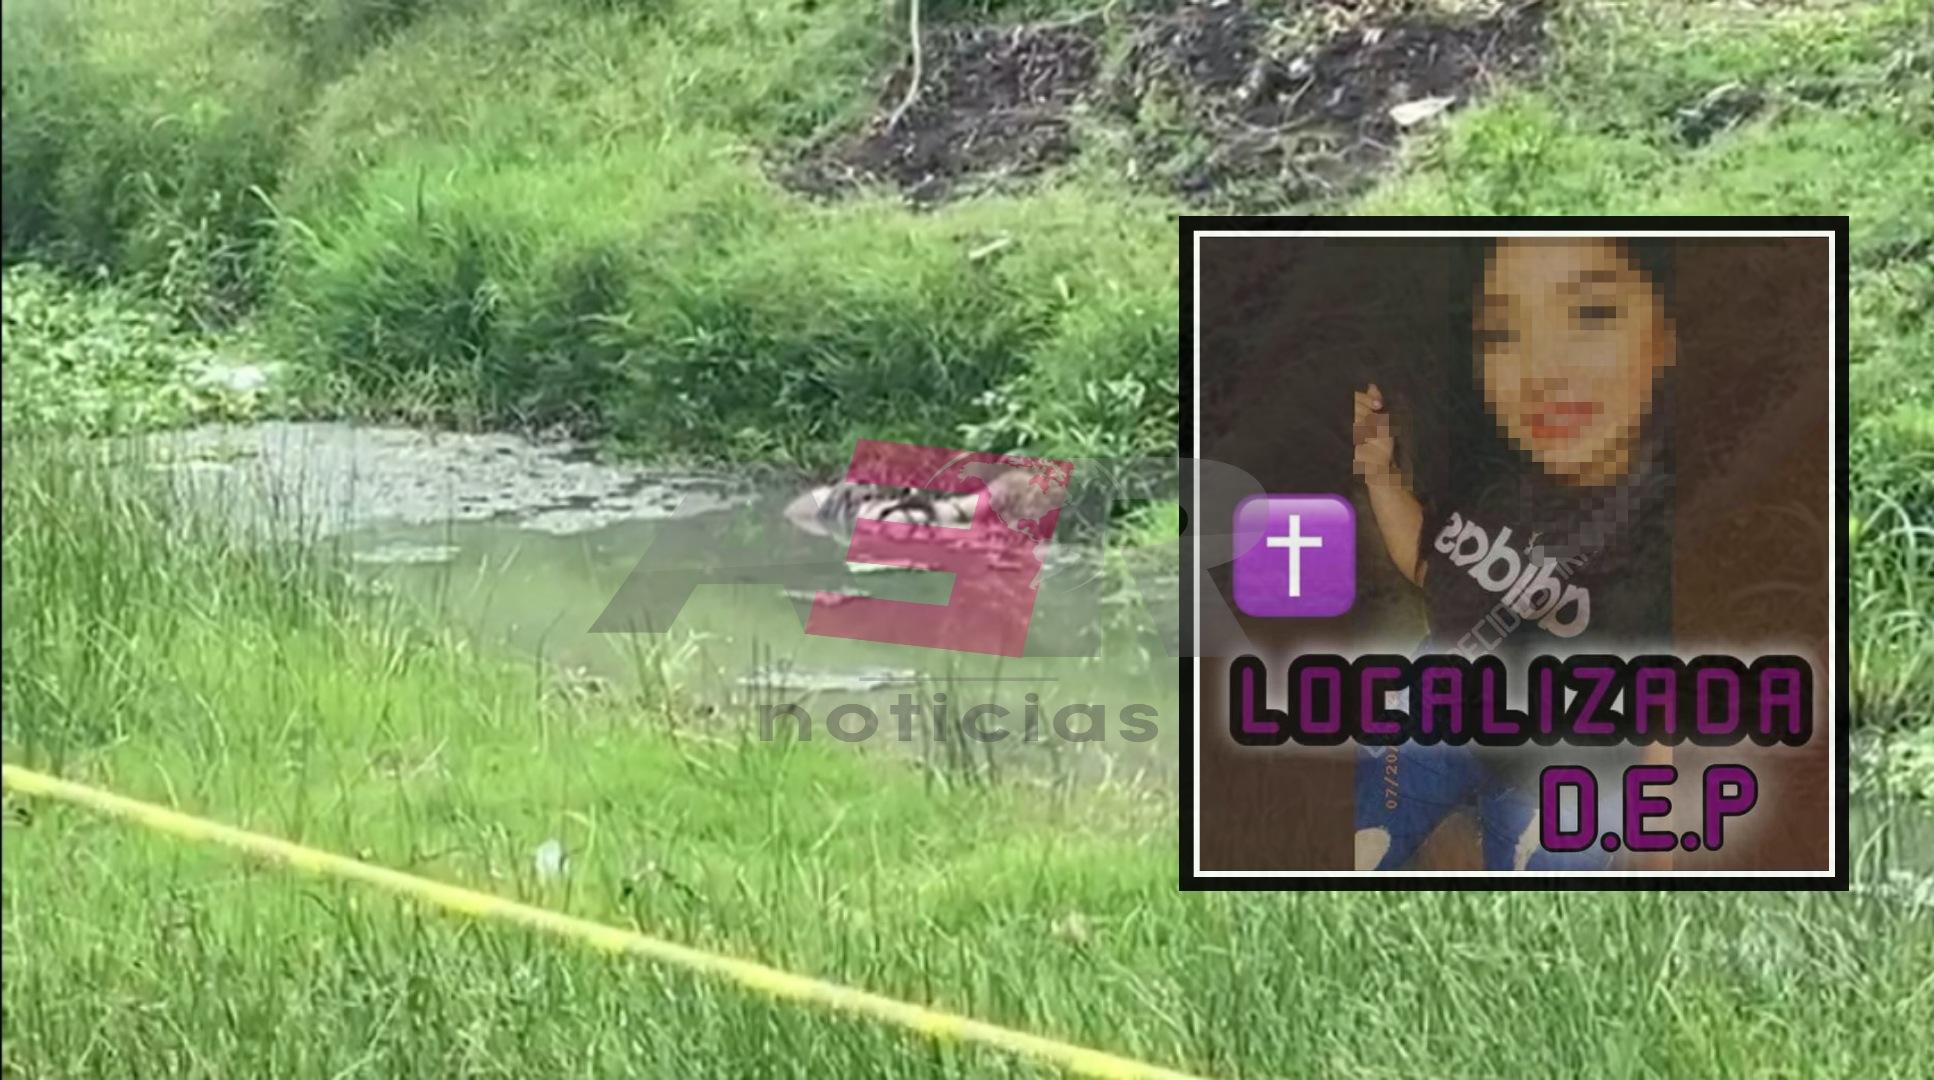 Identifican a joven mujer encontrada en canal de riego, estaba desaparecida desde el viernes. 3